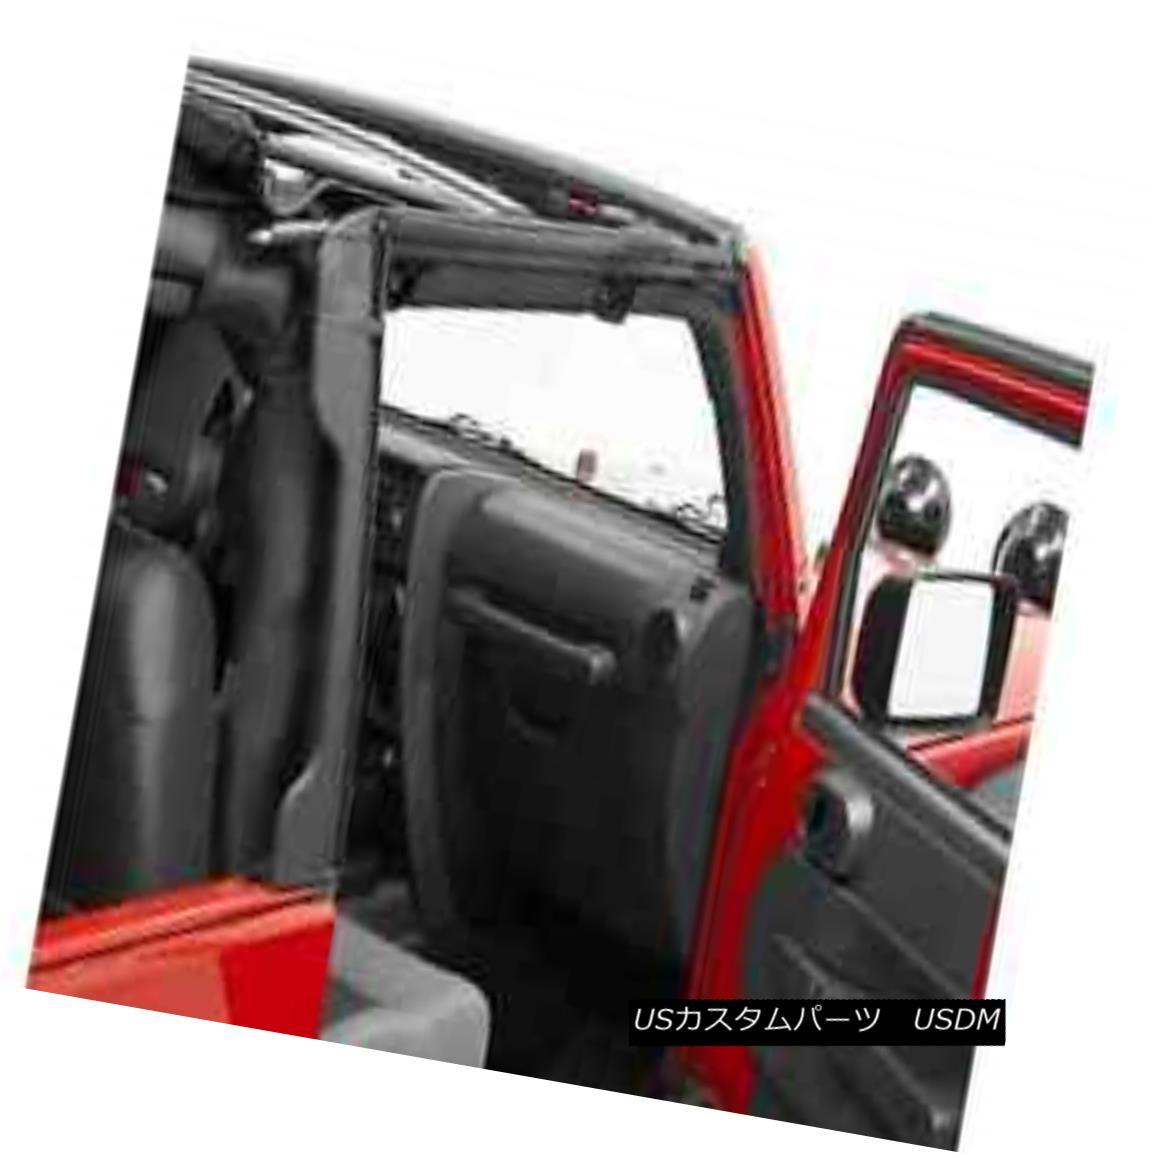 幌・ソフトトップ 2010-2017 Jeep Wrangler Bestop Soft Top Door Surround & Rear Window Bar Kit 2010-2017 Jeep Wrangler Bestopソフトトップドアサラウンド& リアウィンドウバーキット